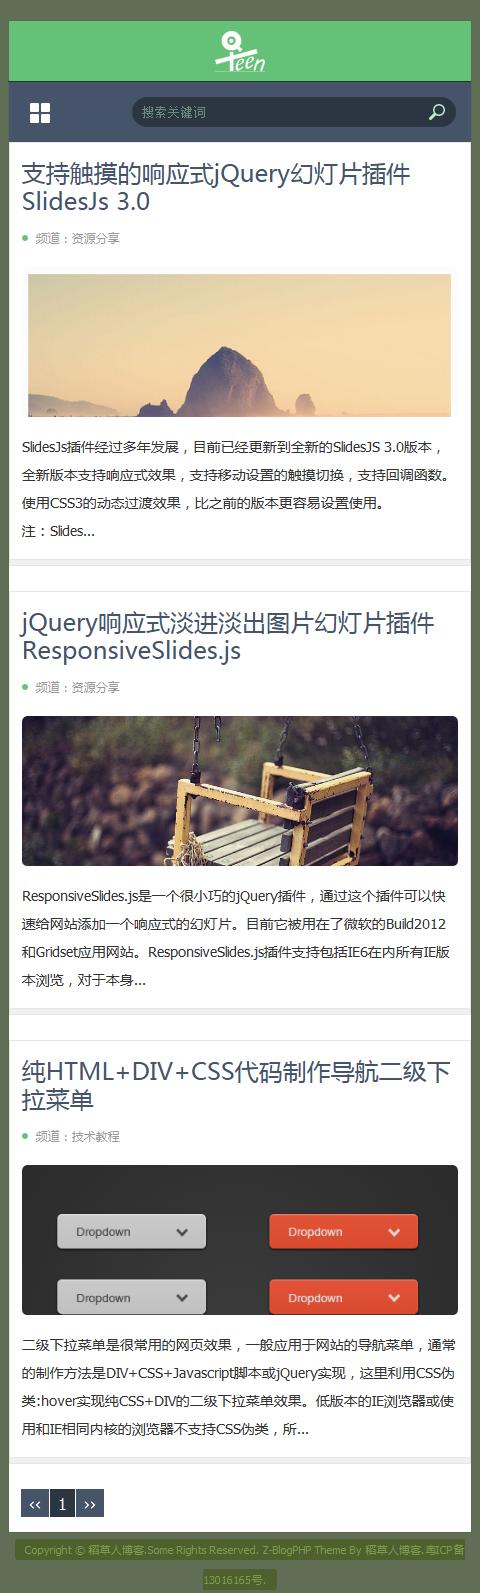 扁平化响应式zblog php三栏博客模板Qzero